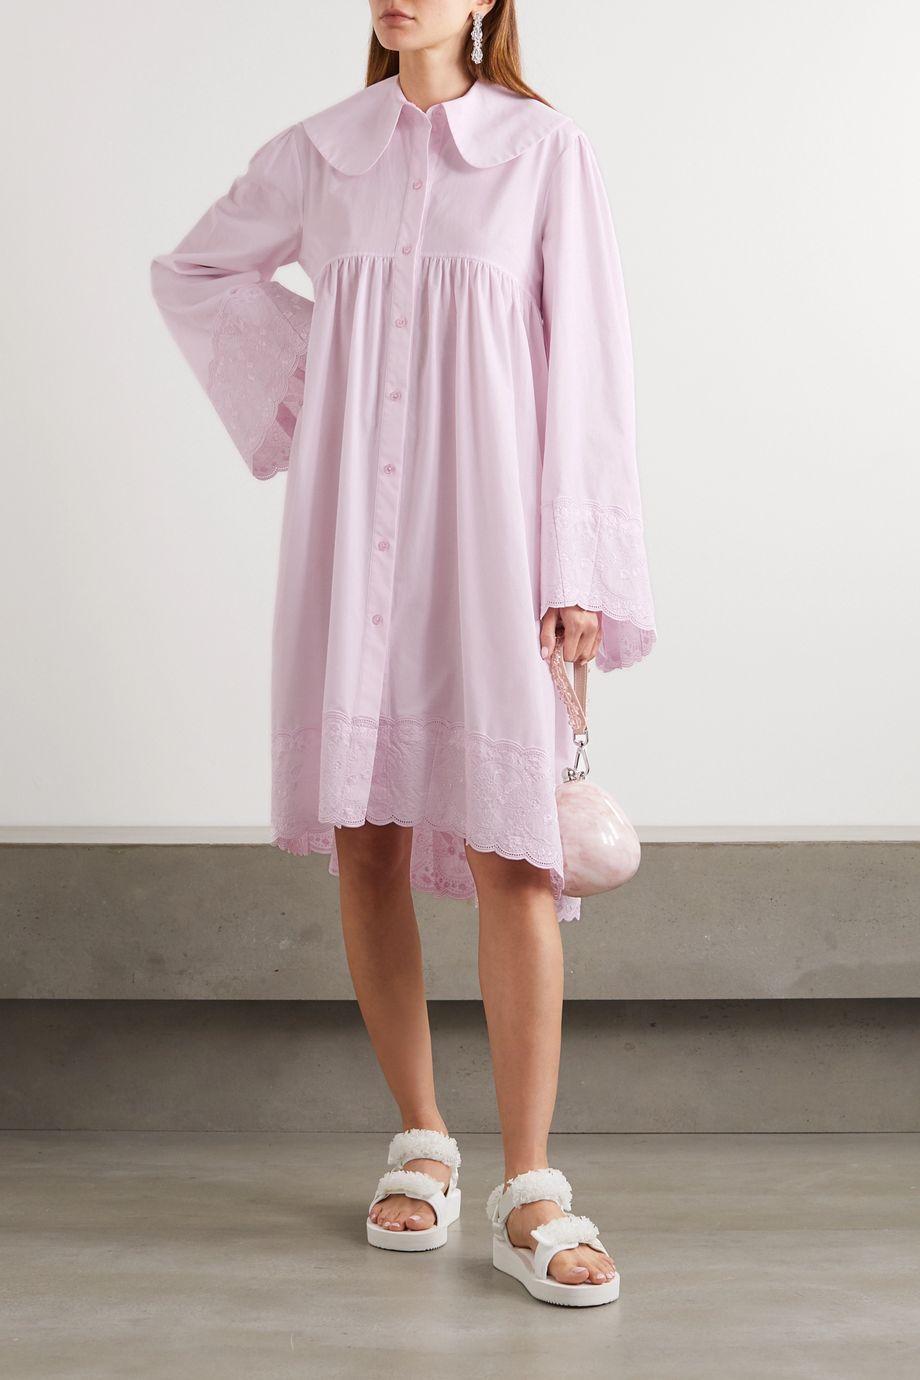 Simone Rocha Hemdblusenkleid aus Baumwollpopeline mit Wellenkanten und Stickereien